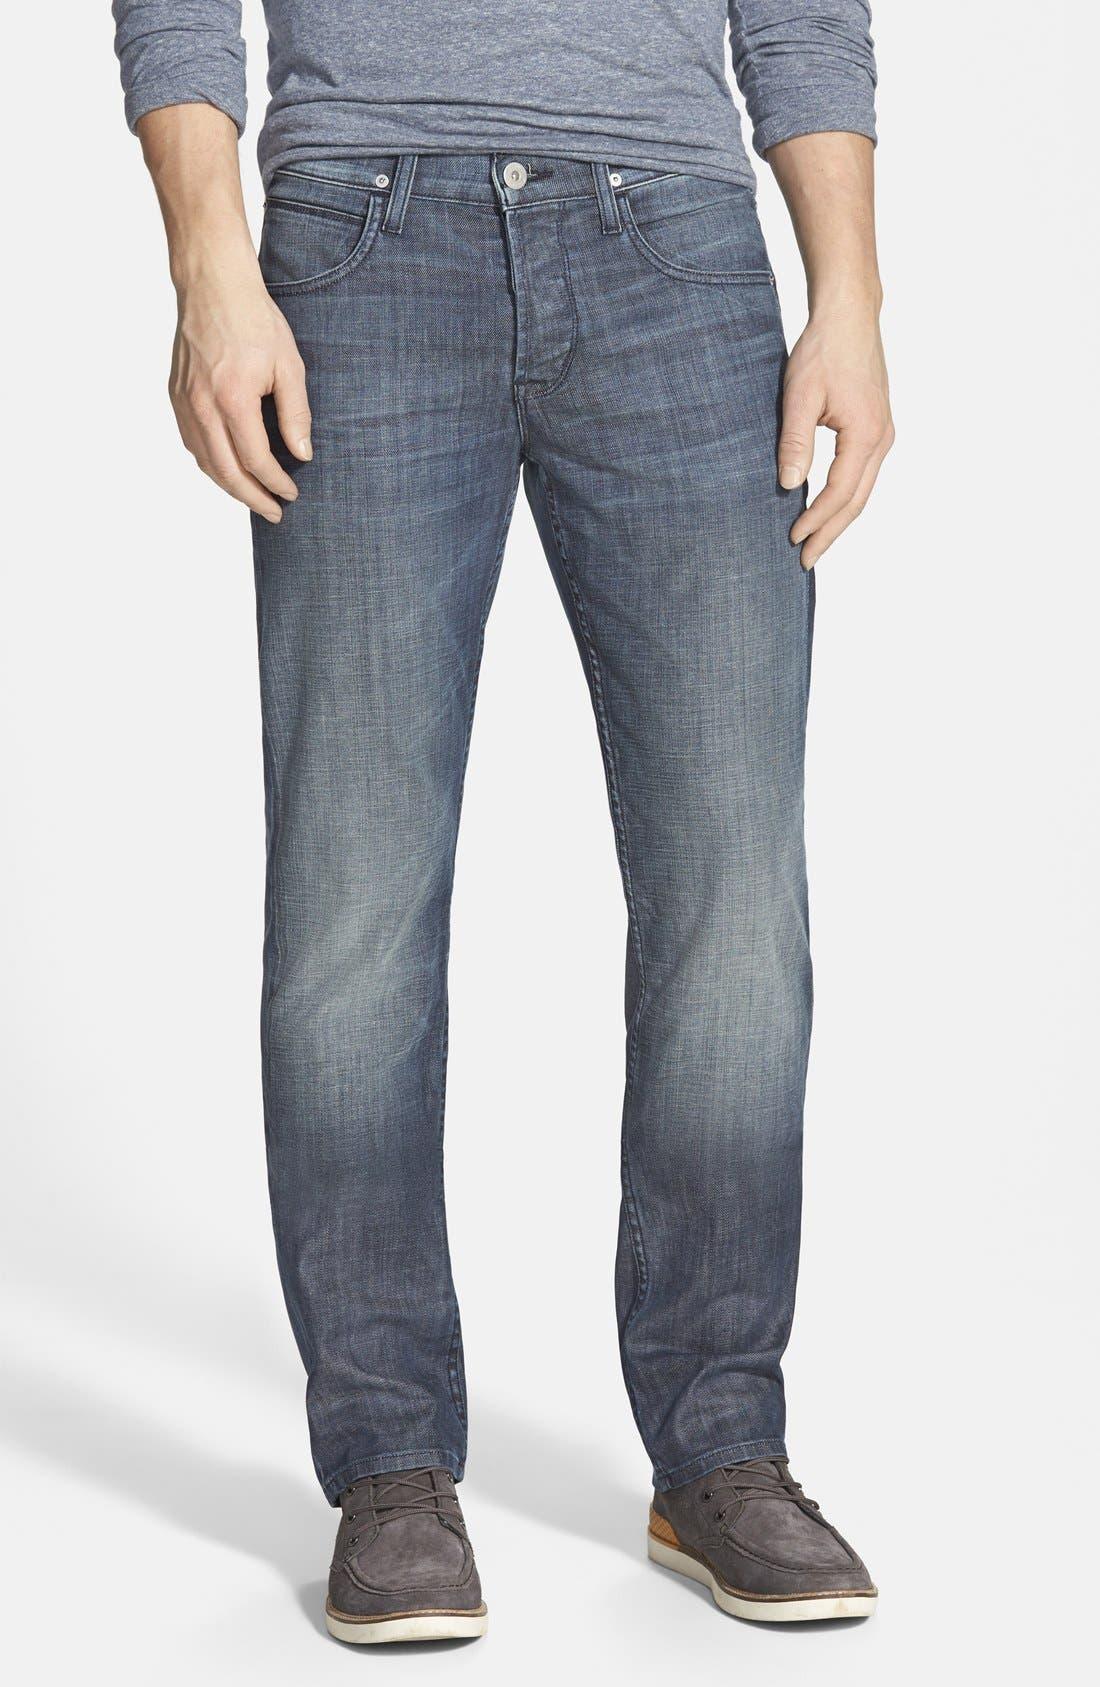 Alternate Image 1 Selected - Hudson Jeans 'Byron' Slim Straight Leg Jeans (Commander)